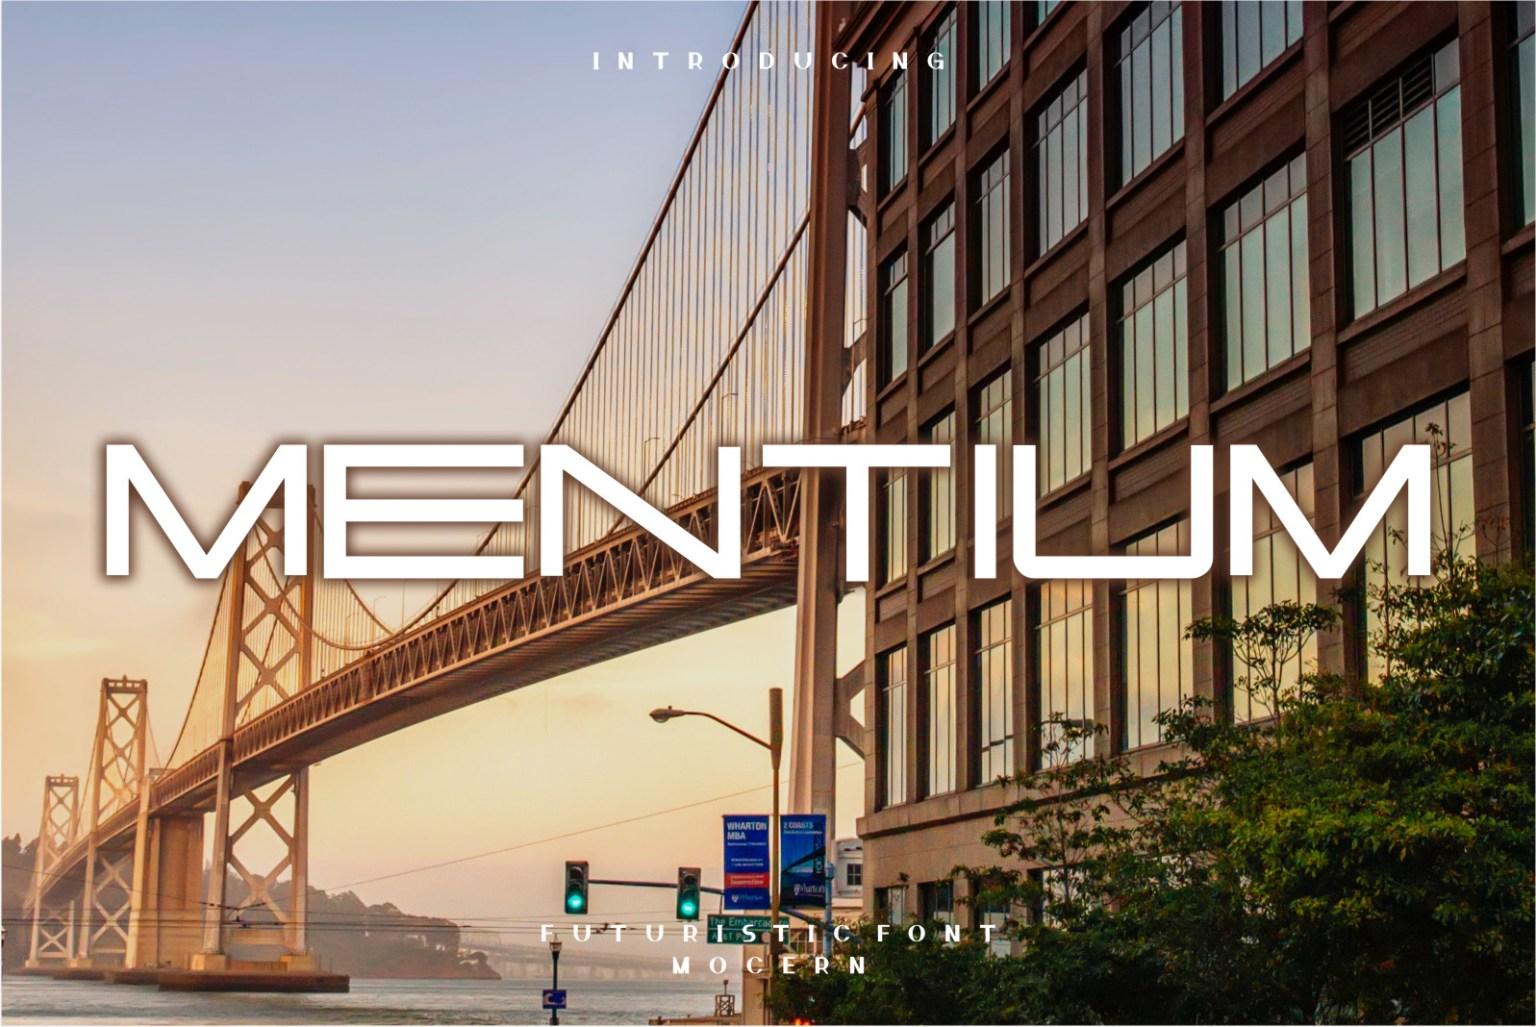 Mentium Display Font